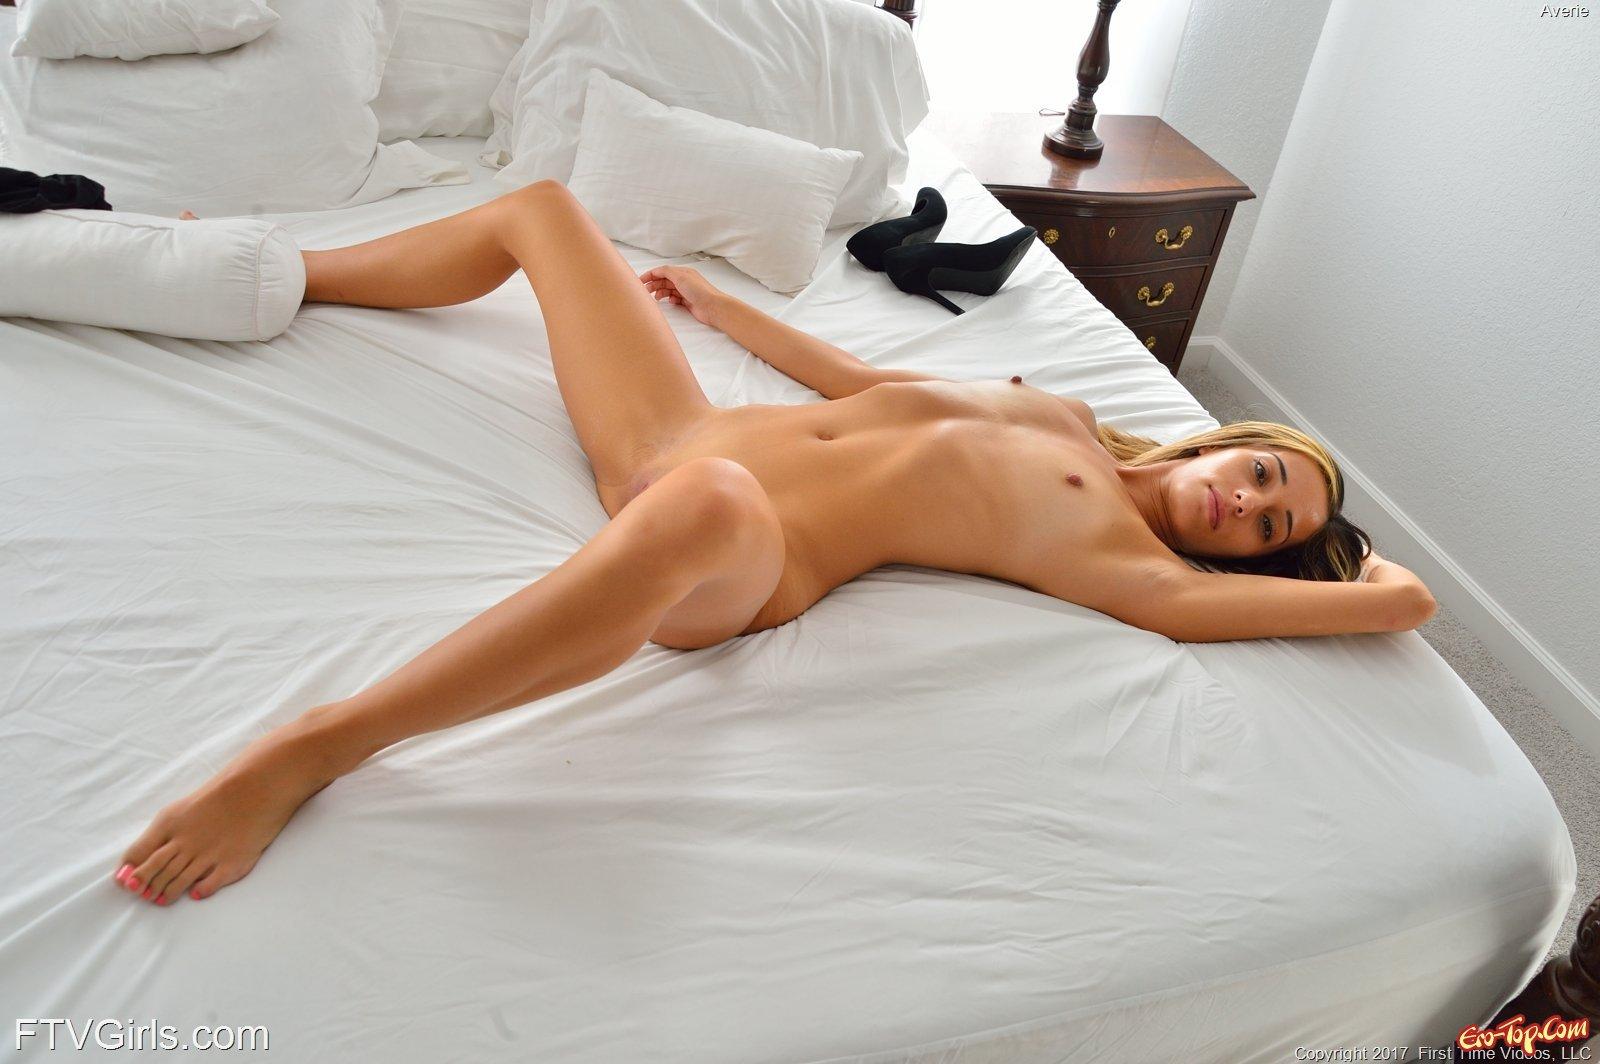 Анальная пробка под юбкой секс фото